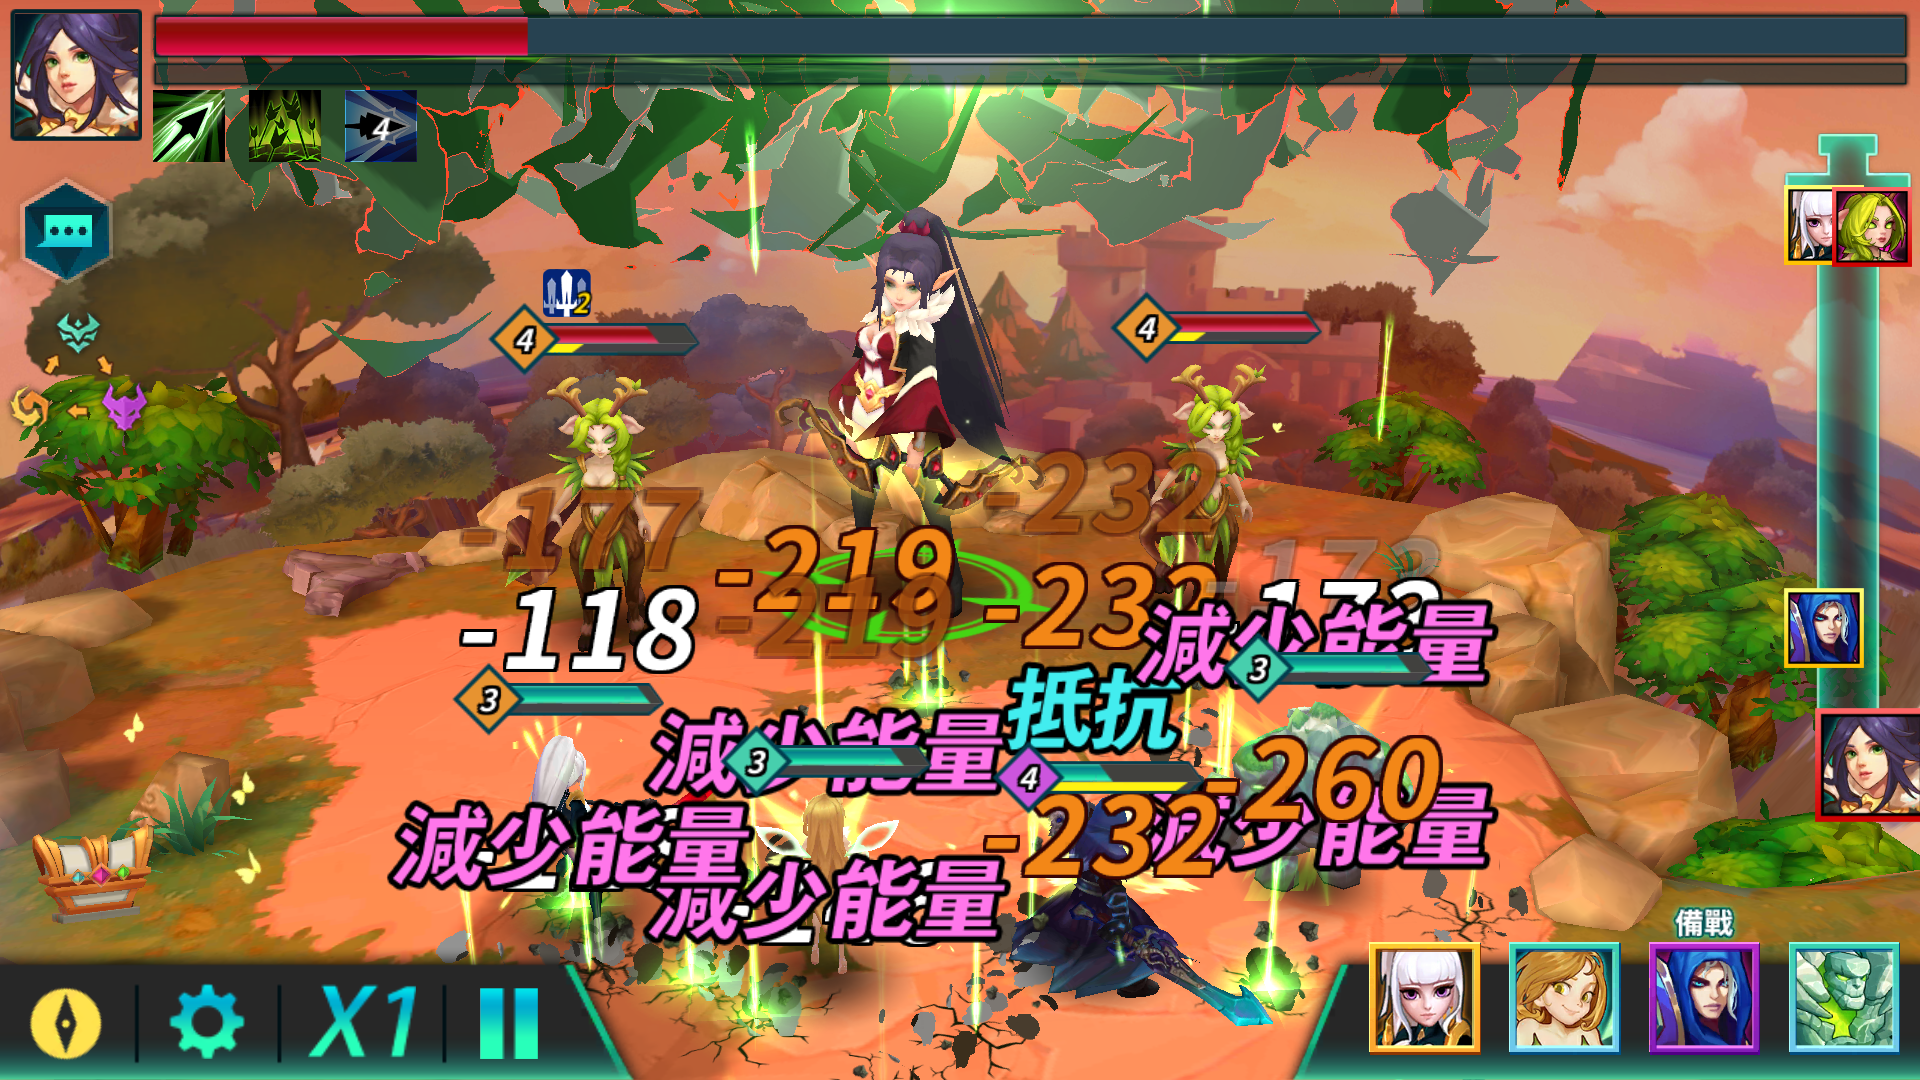 遊戲的戰鬥介面與流程 就是抄襲《魔靈召喚》